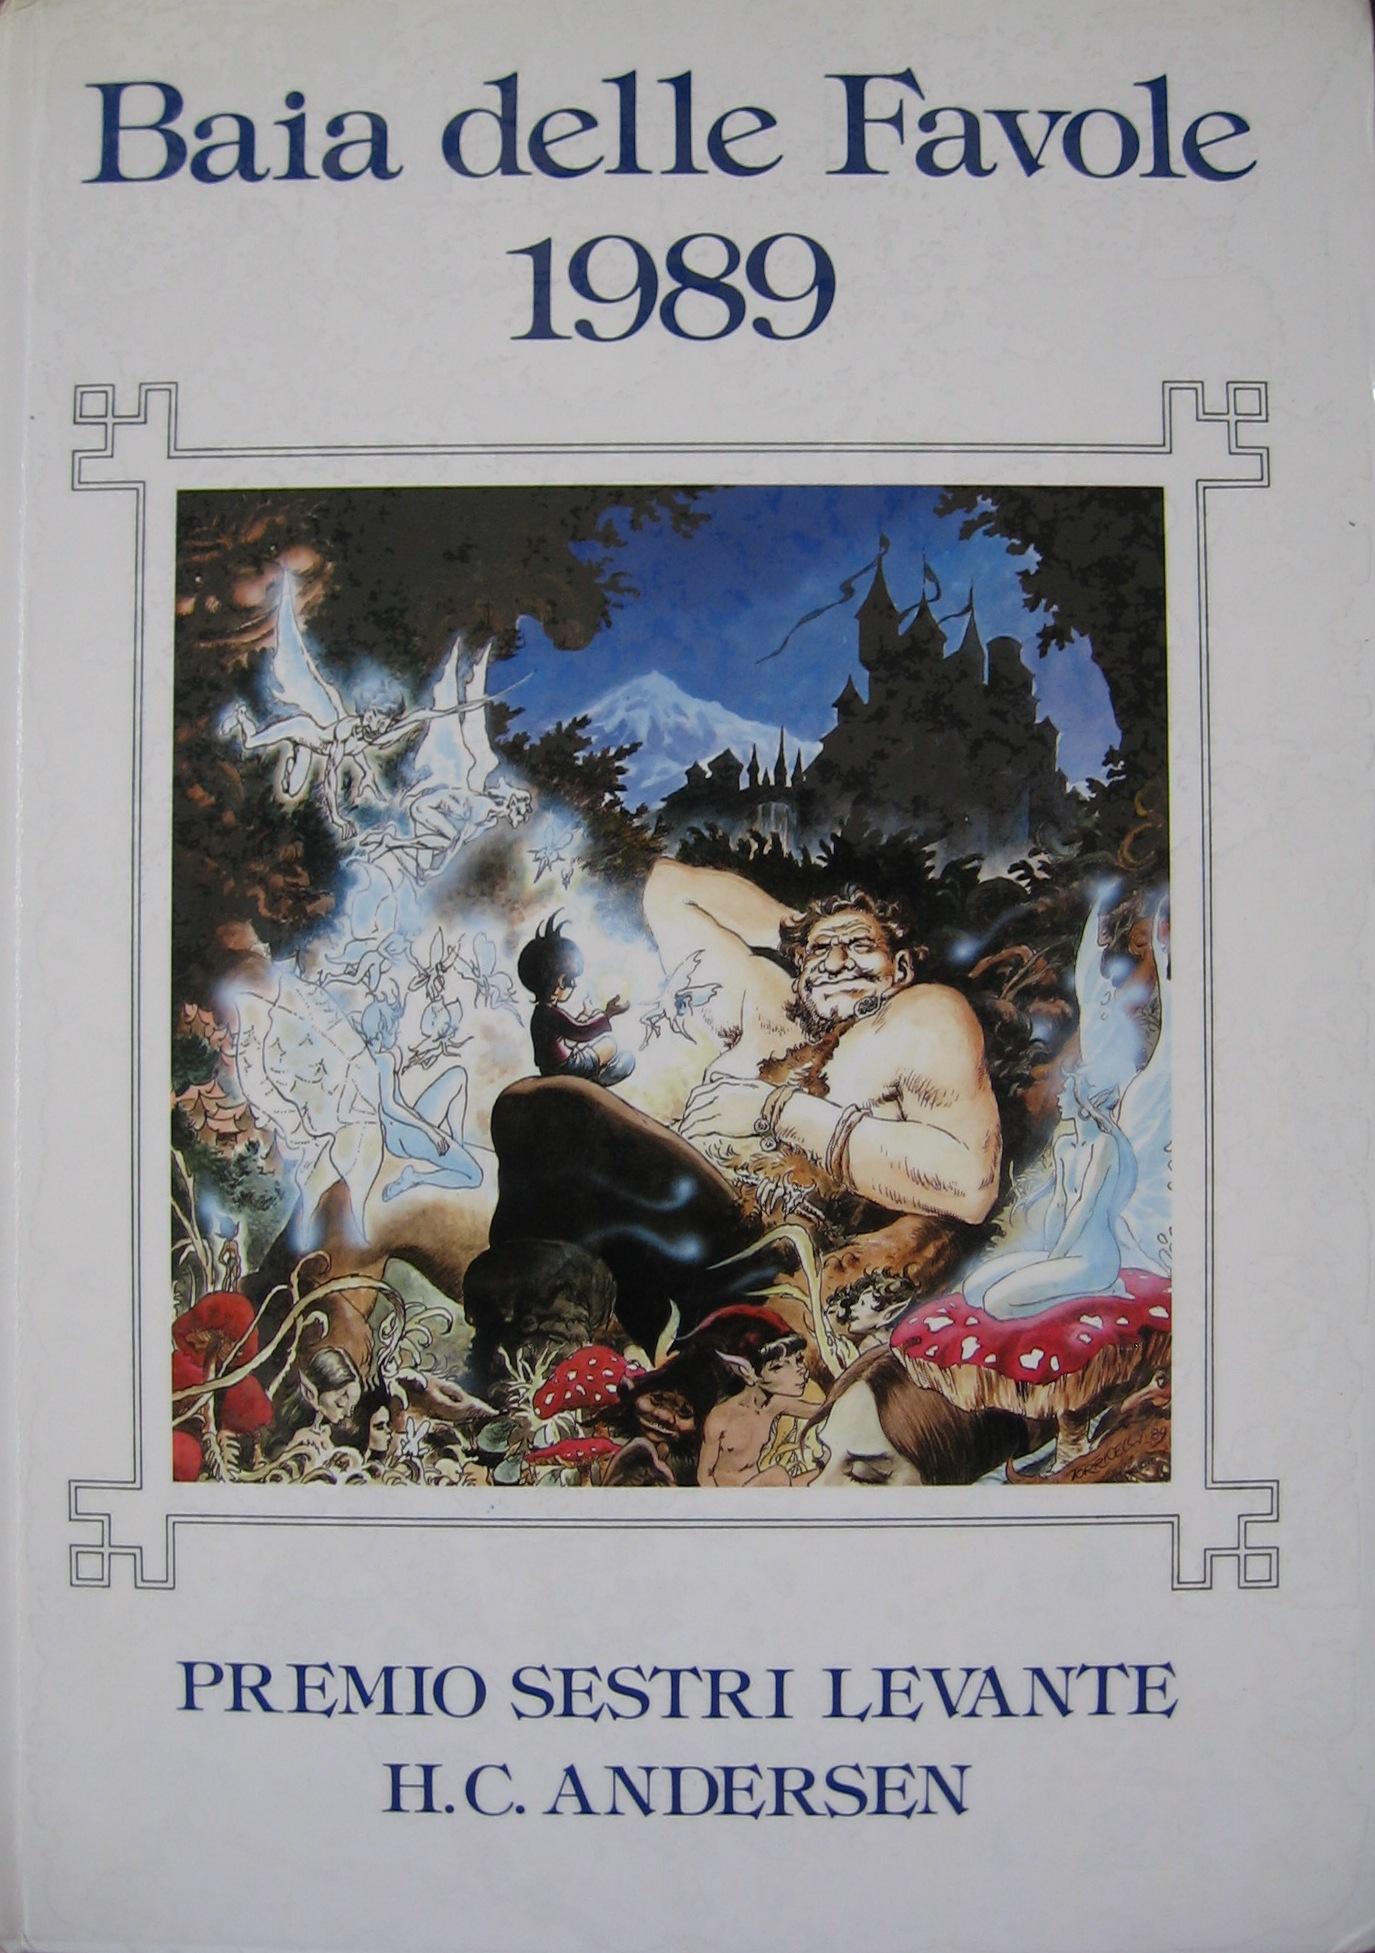 Baia delle favole 1989